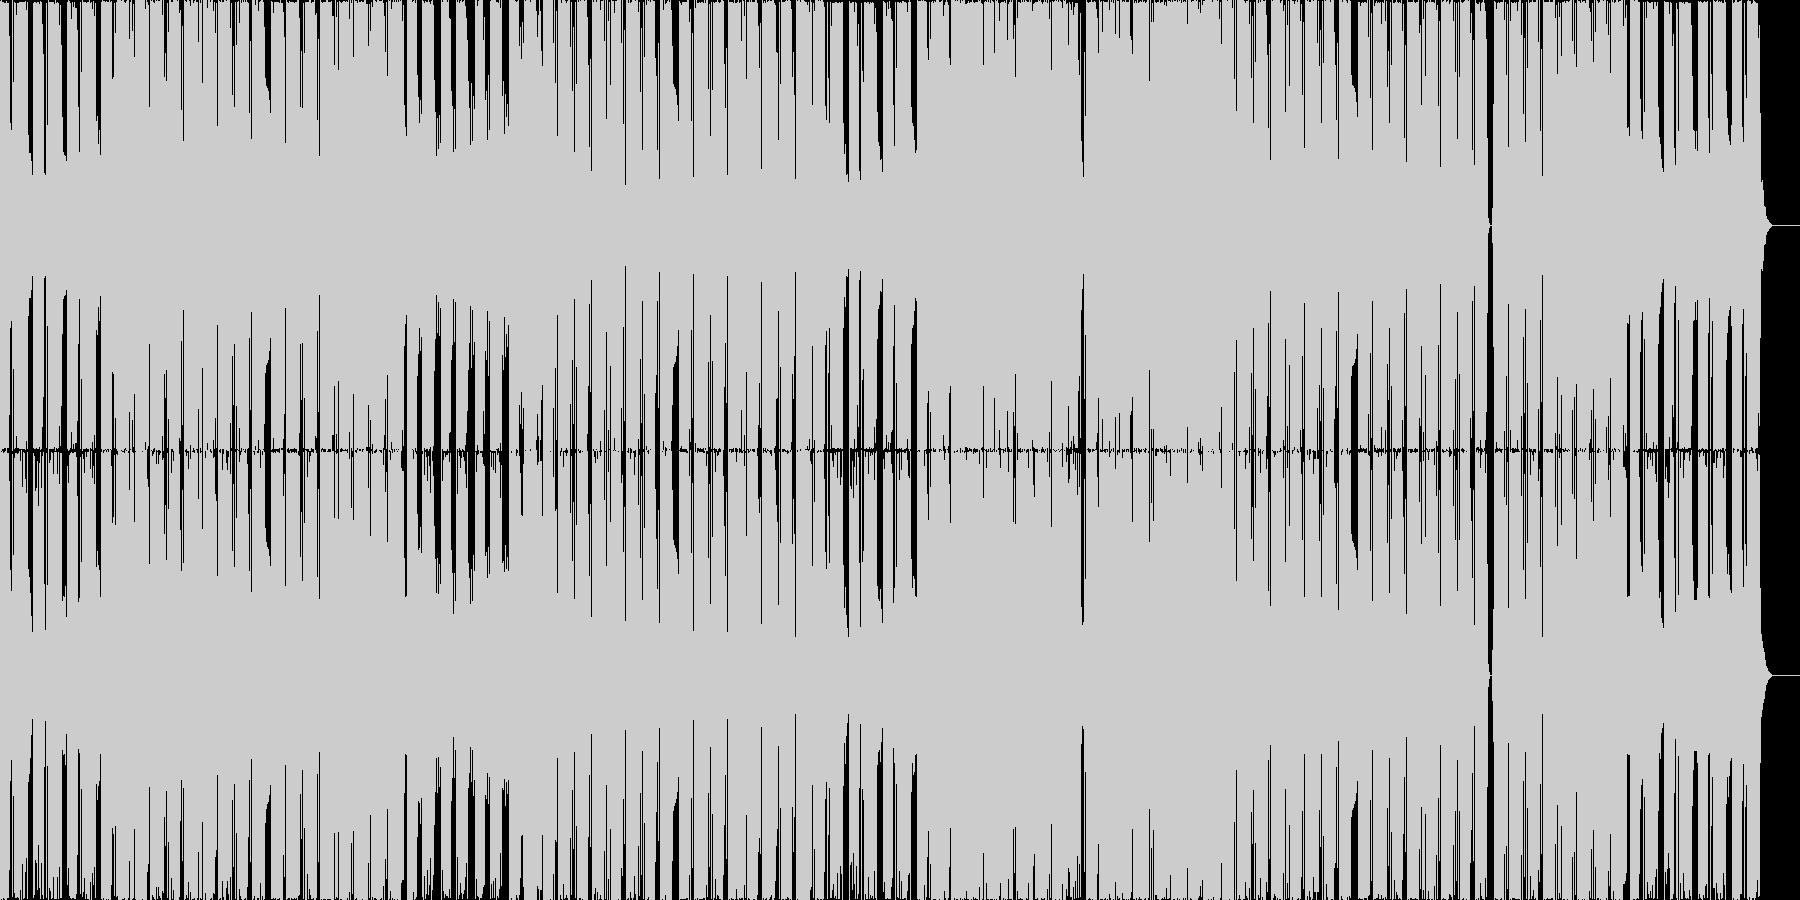 キラキラとしたシンセが爽快なEDMの未再生の波形